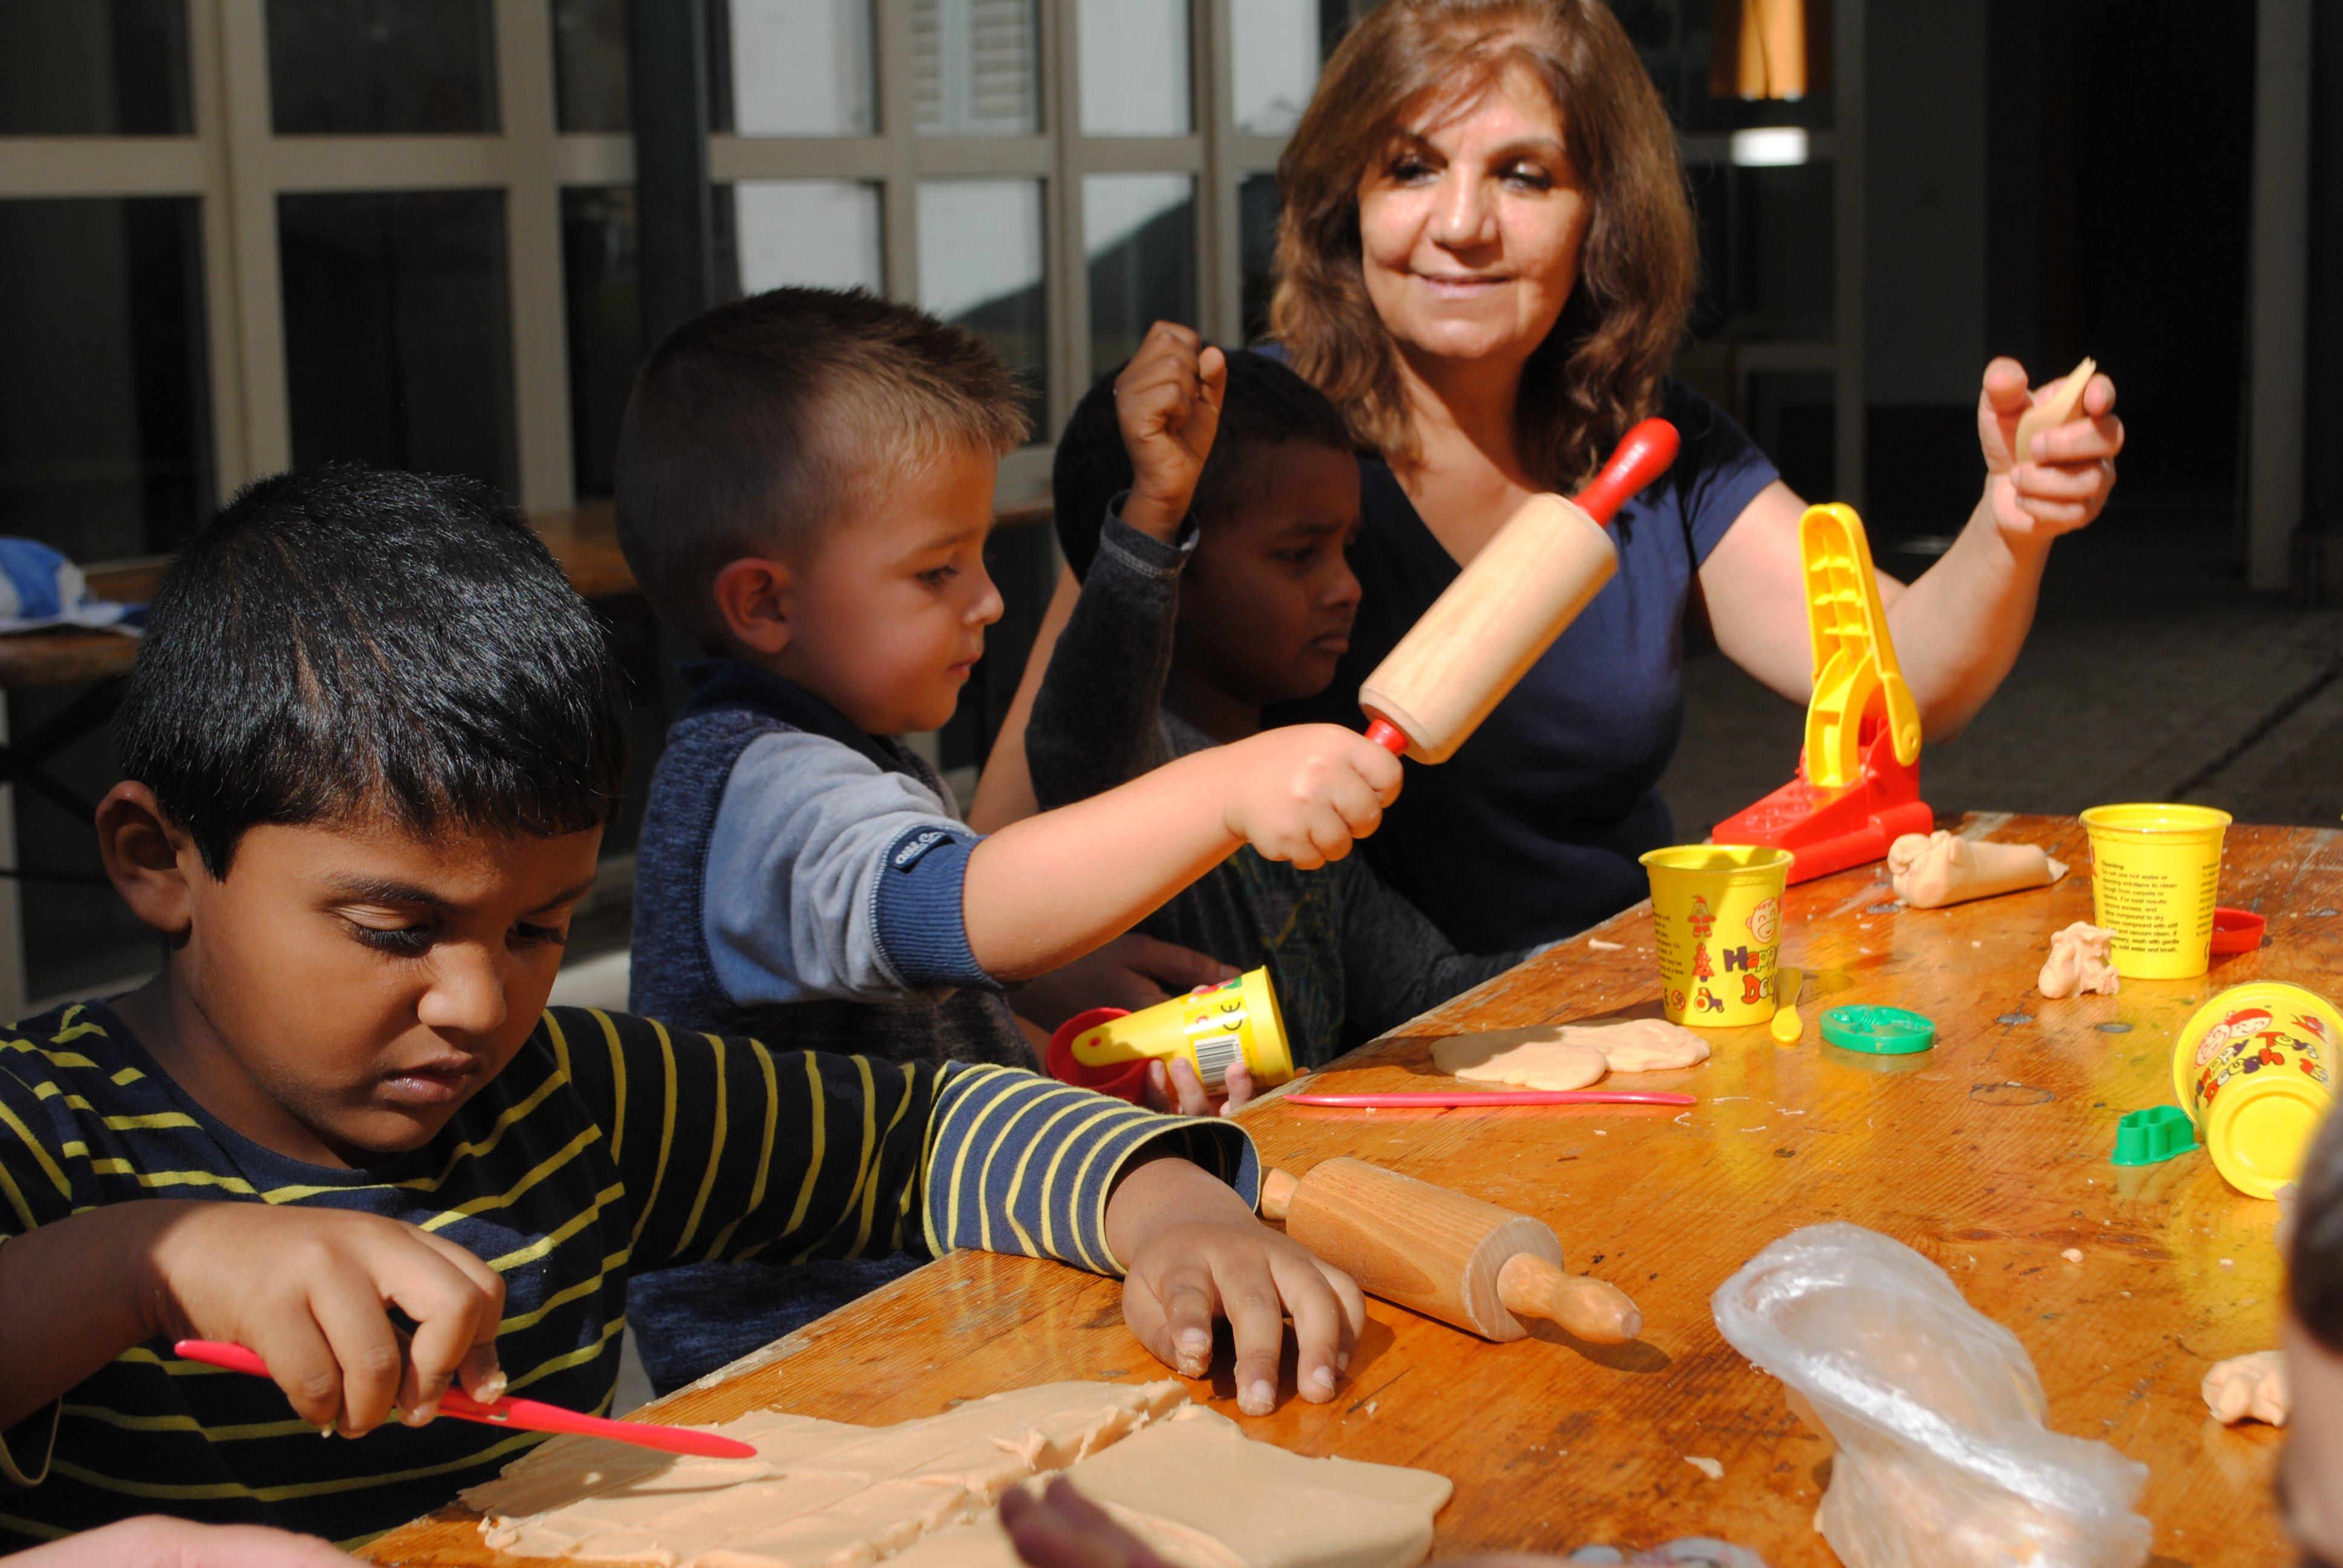 Der Kindernachmittag im Sentitreff findet jeden Mittwochnachmittag statt.